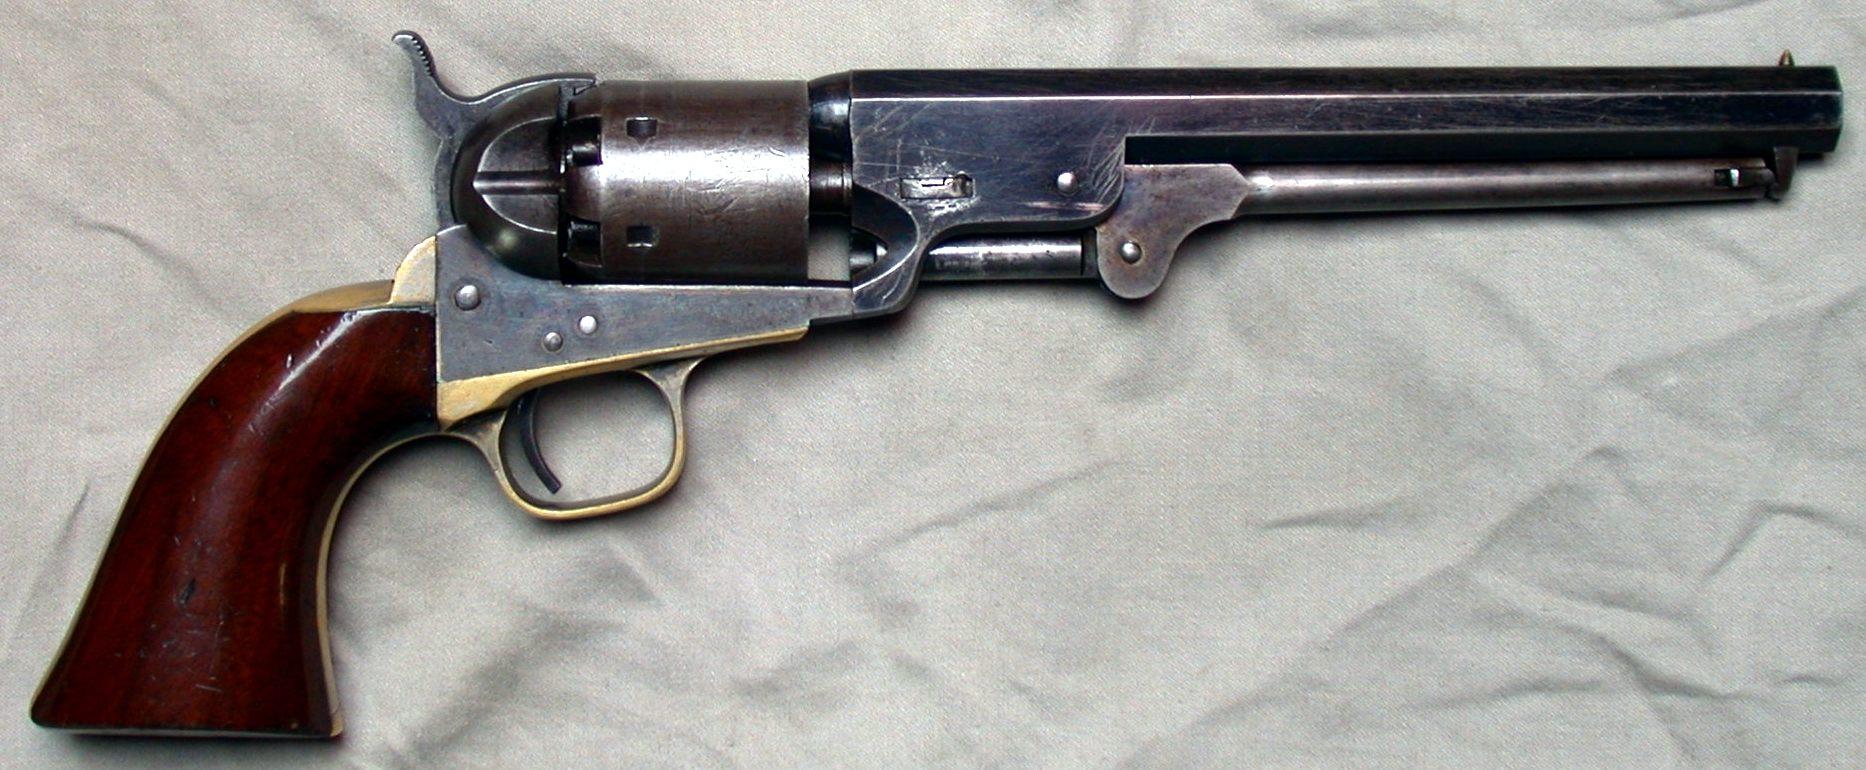 Colt_Navy_Model_1851.JPG